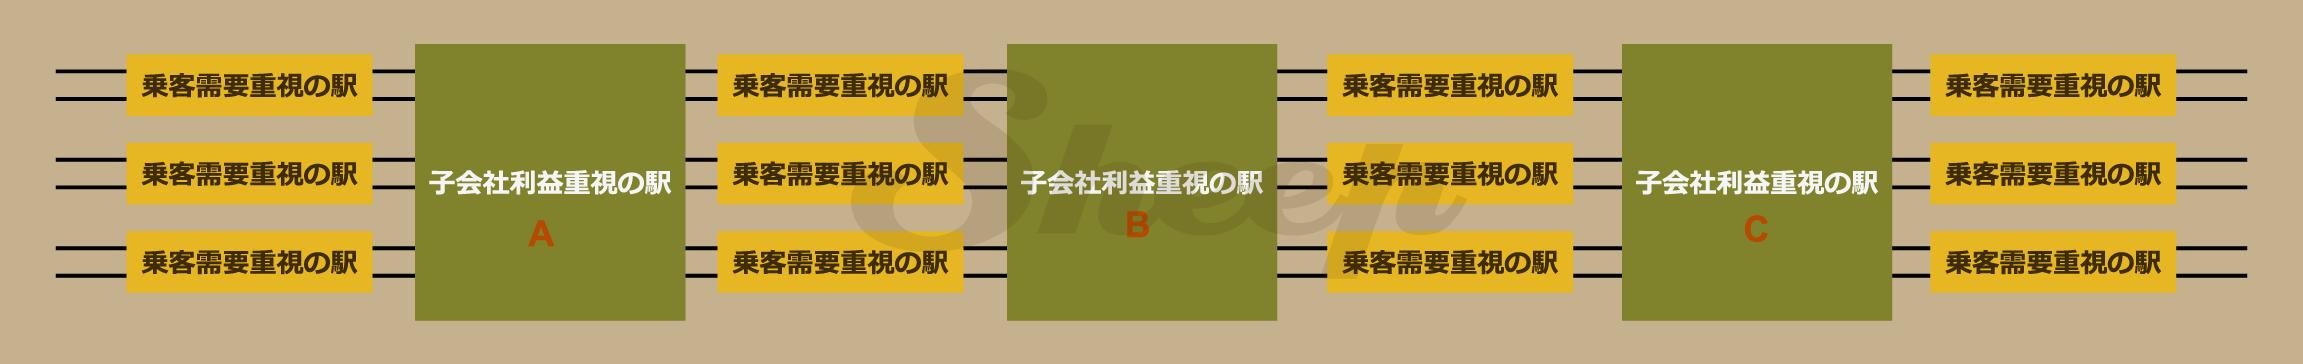 効果的な駅の配置A | A列車で行こうExp攻略(Exp+対応) Sheep